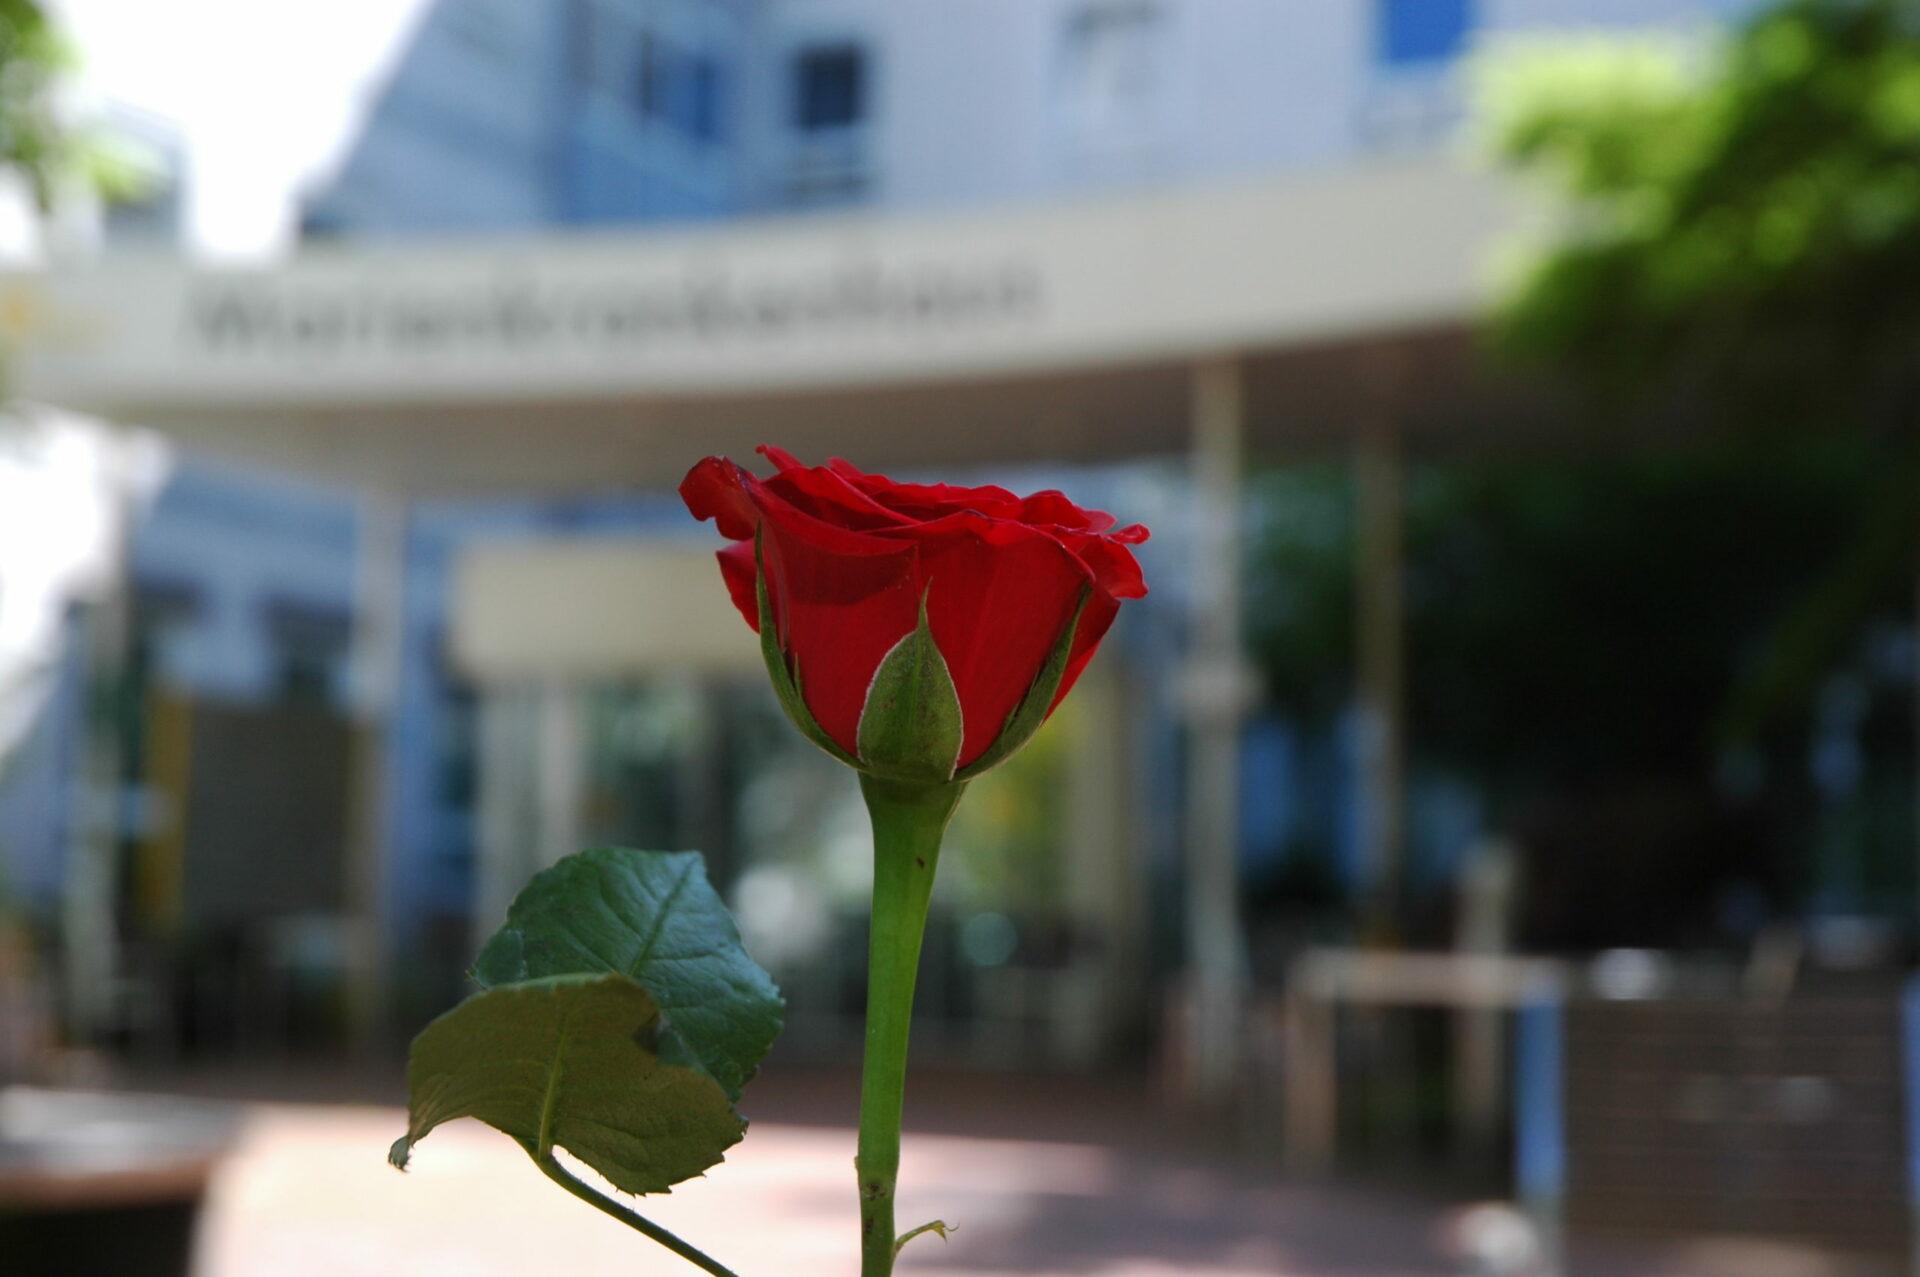 Blumengruß am Muttertag ins Krankenhaus